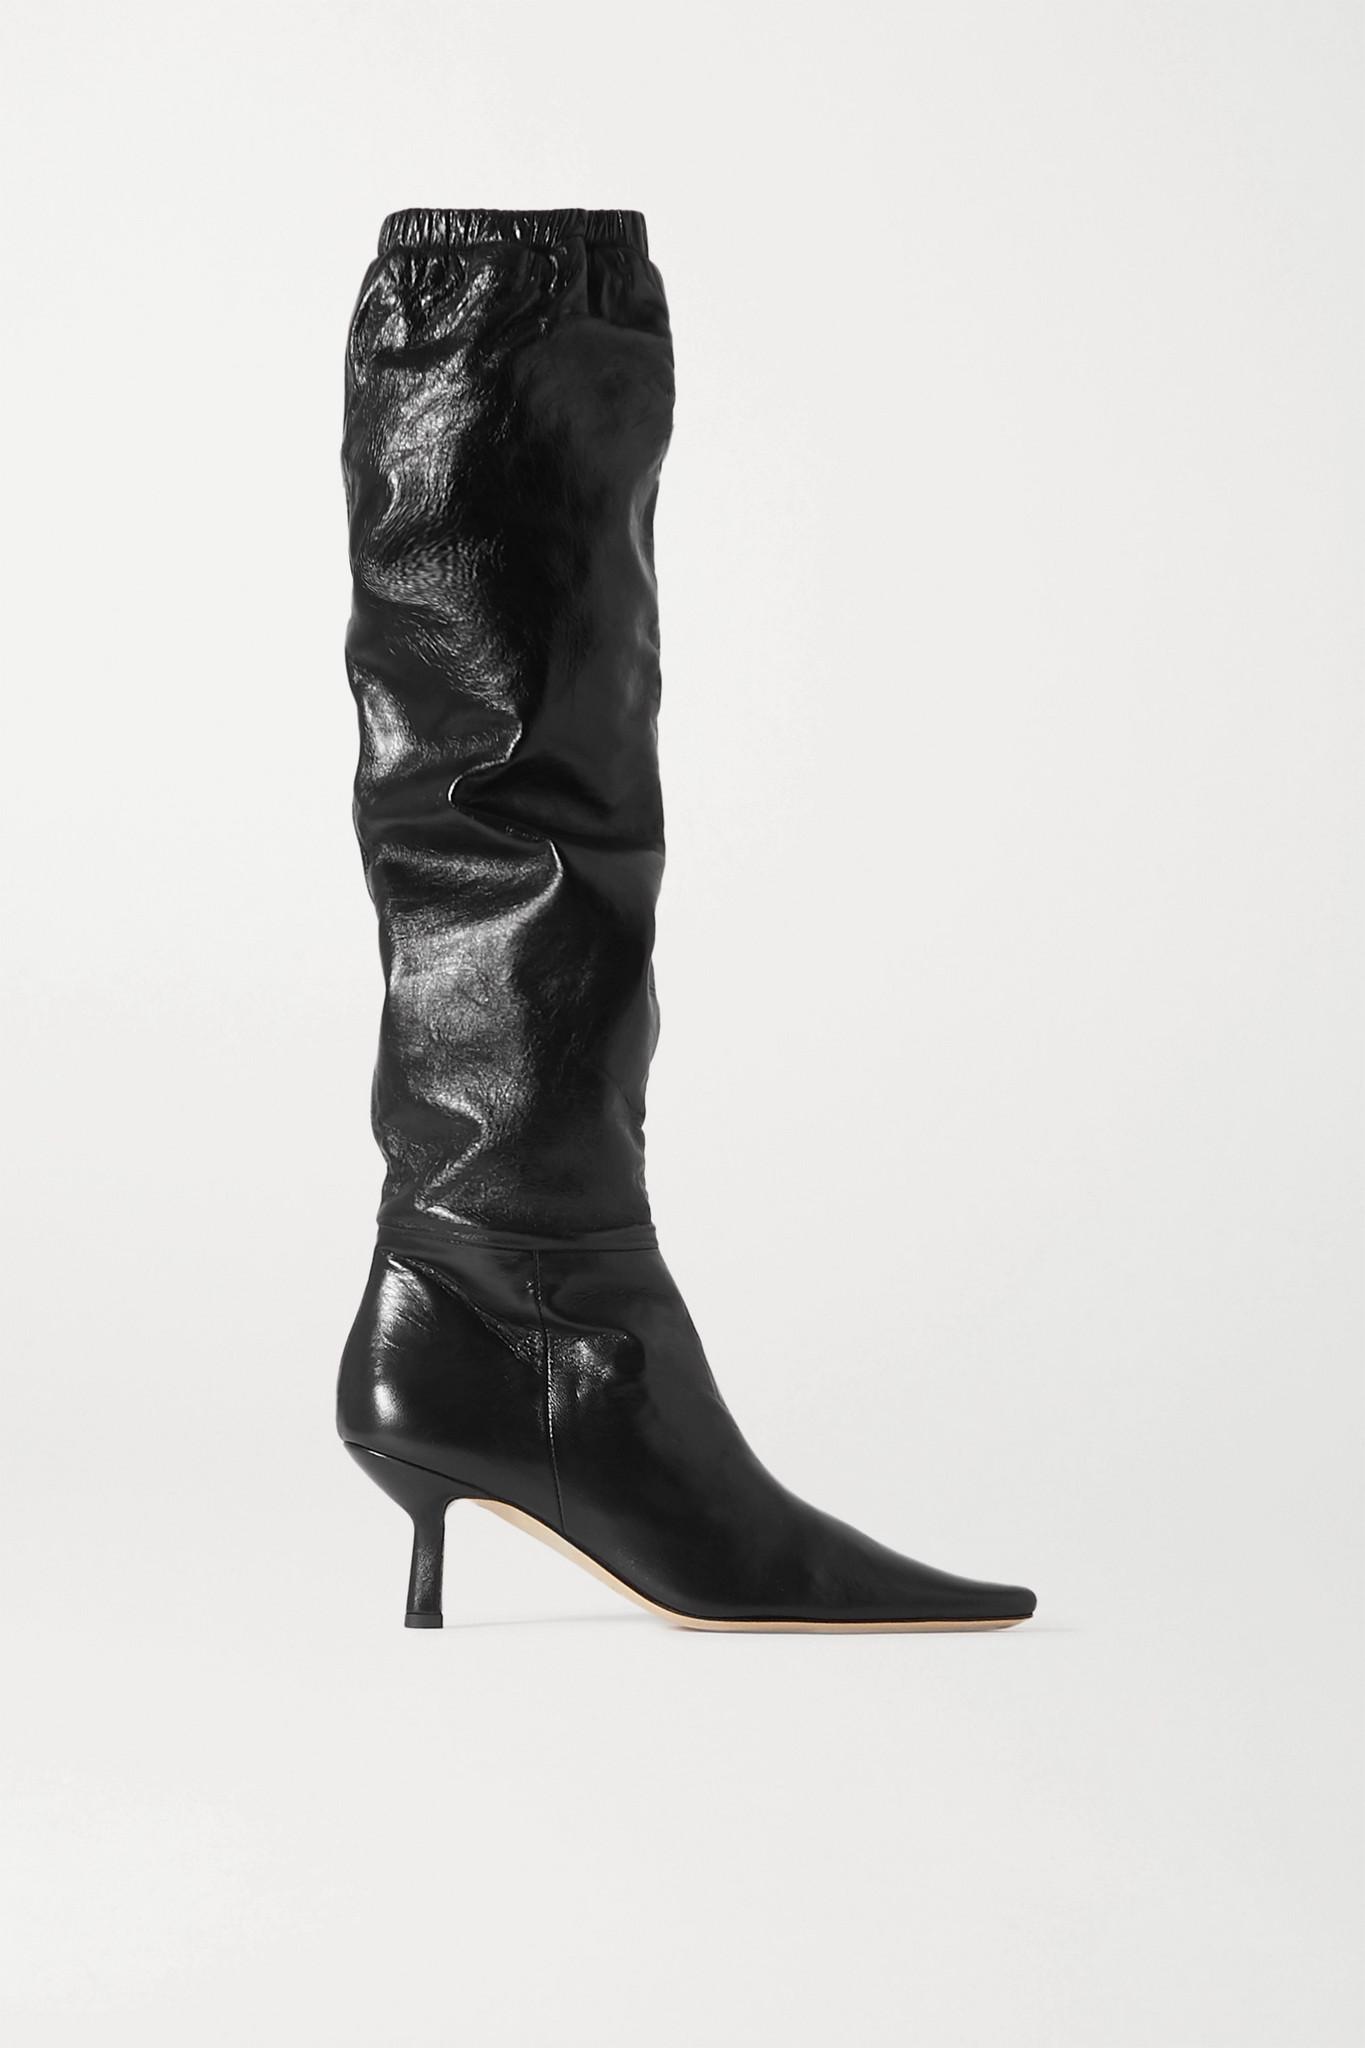 BY FAR - Gwen 皮革及膝长靴 - 黑色 - IT39